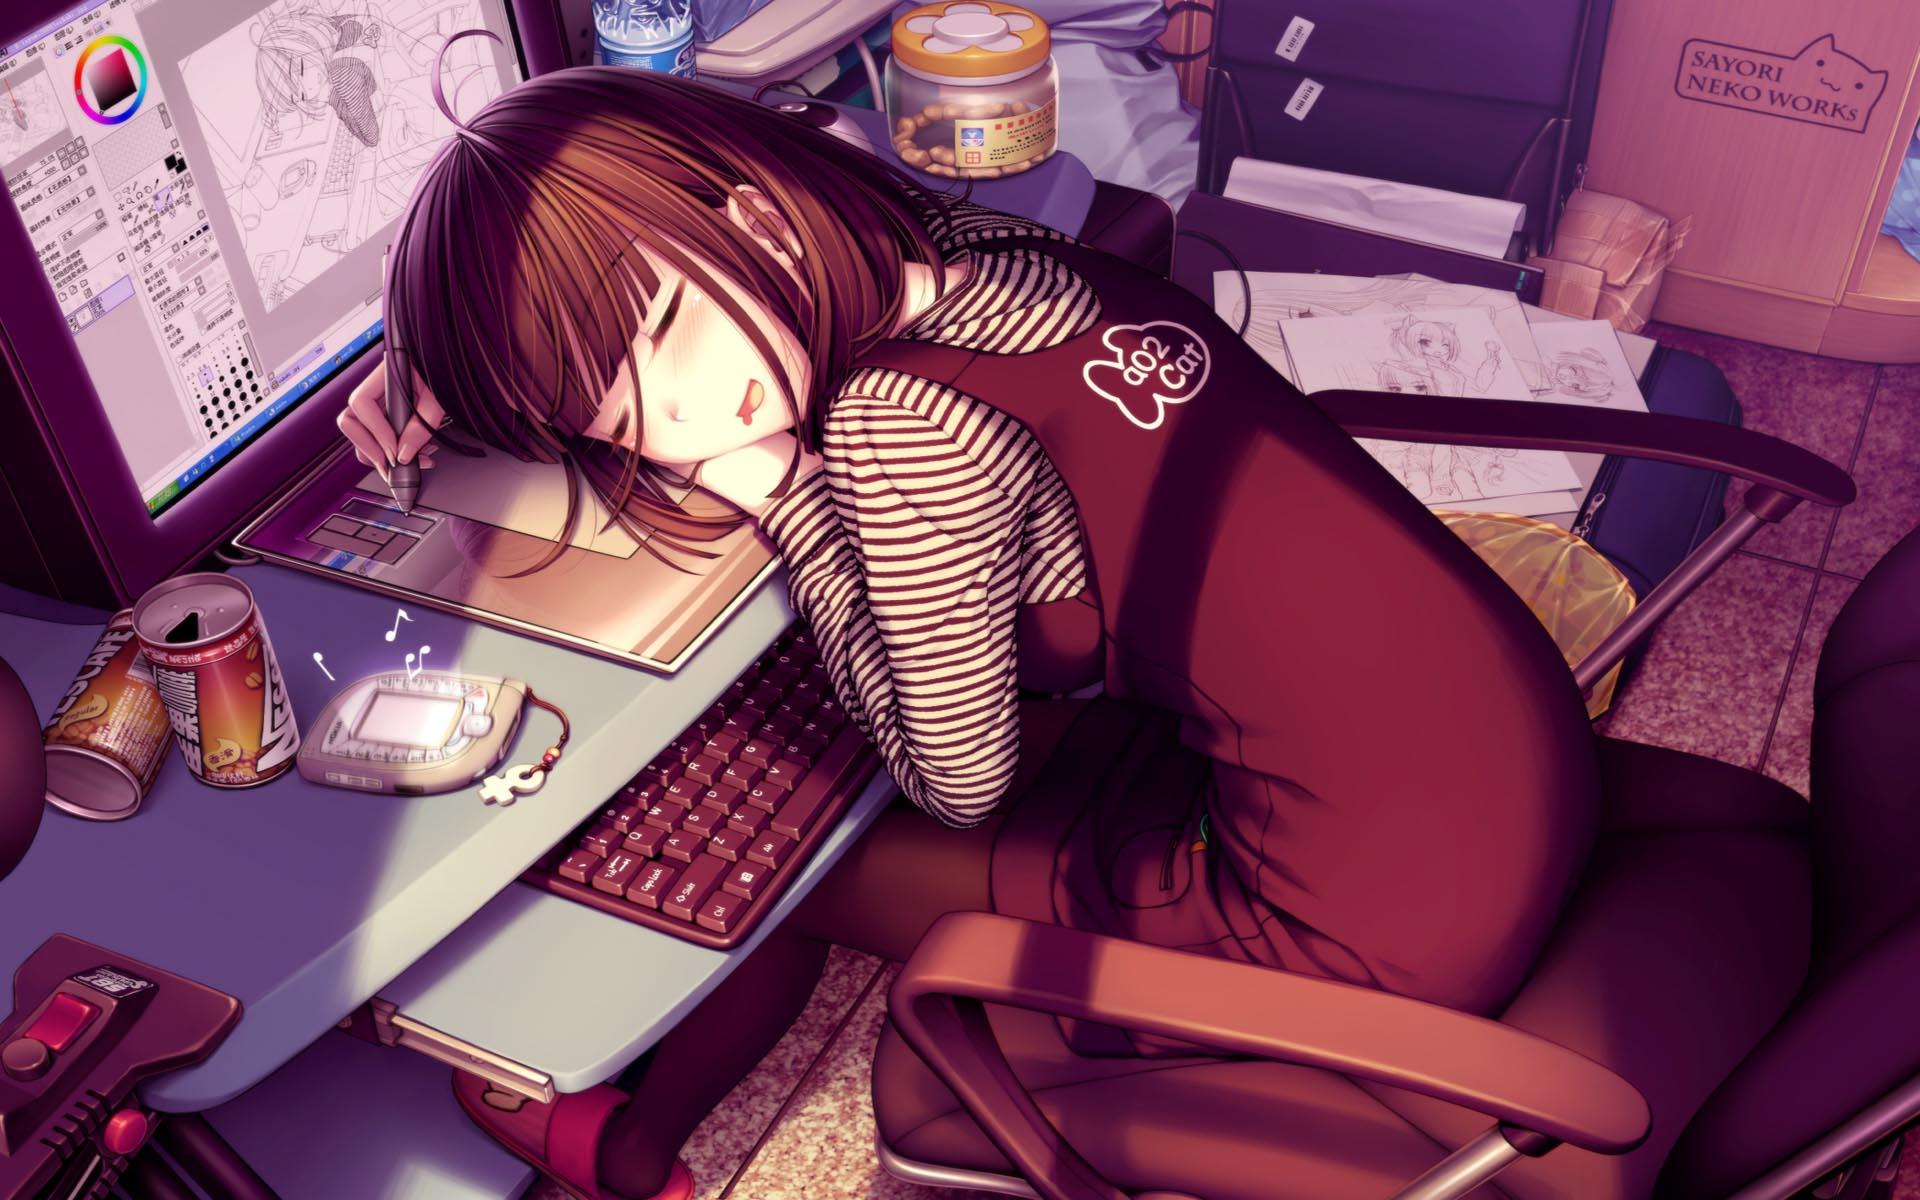 tags girl computer anime desk manga anime girl sleeping date 13 06 07 1920x1200